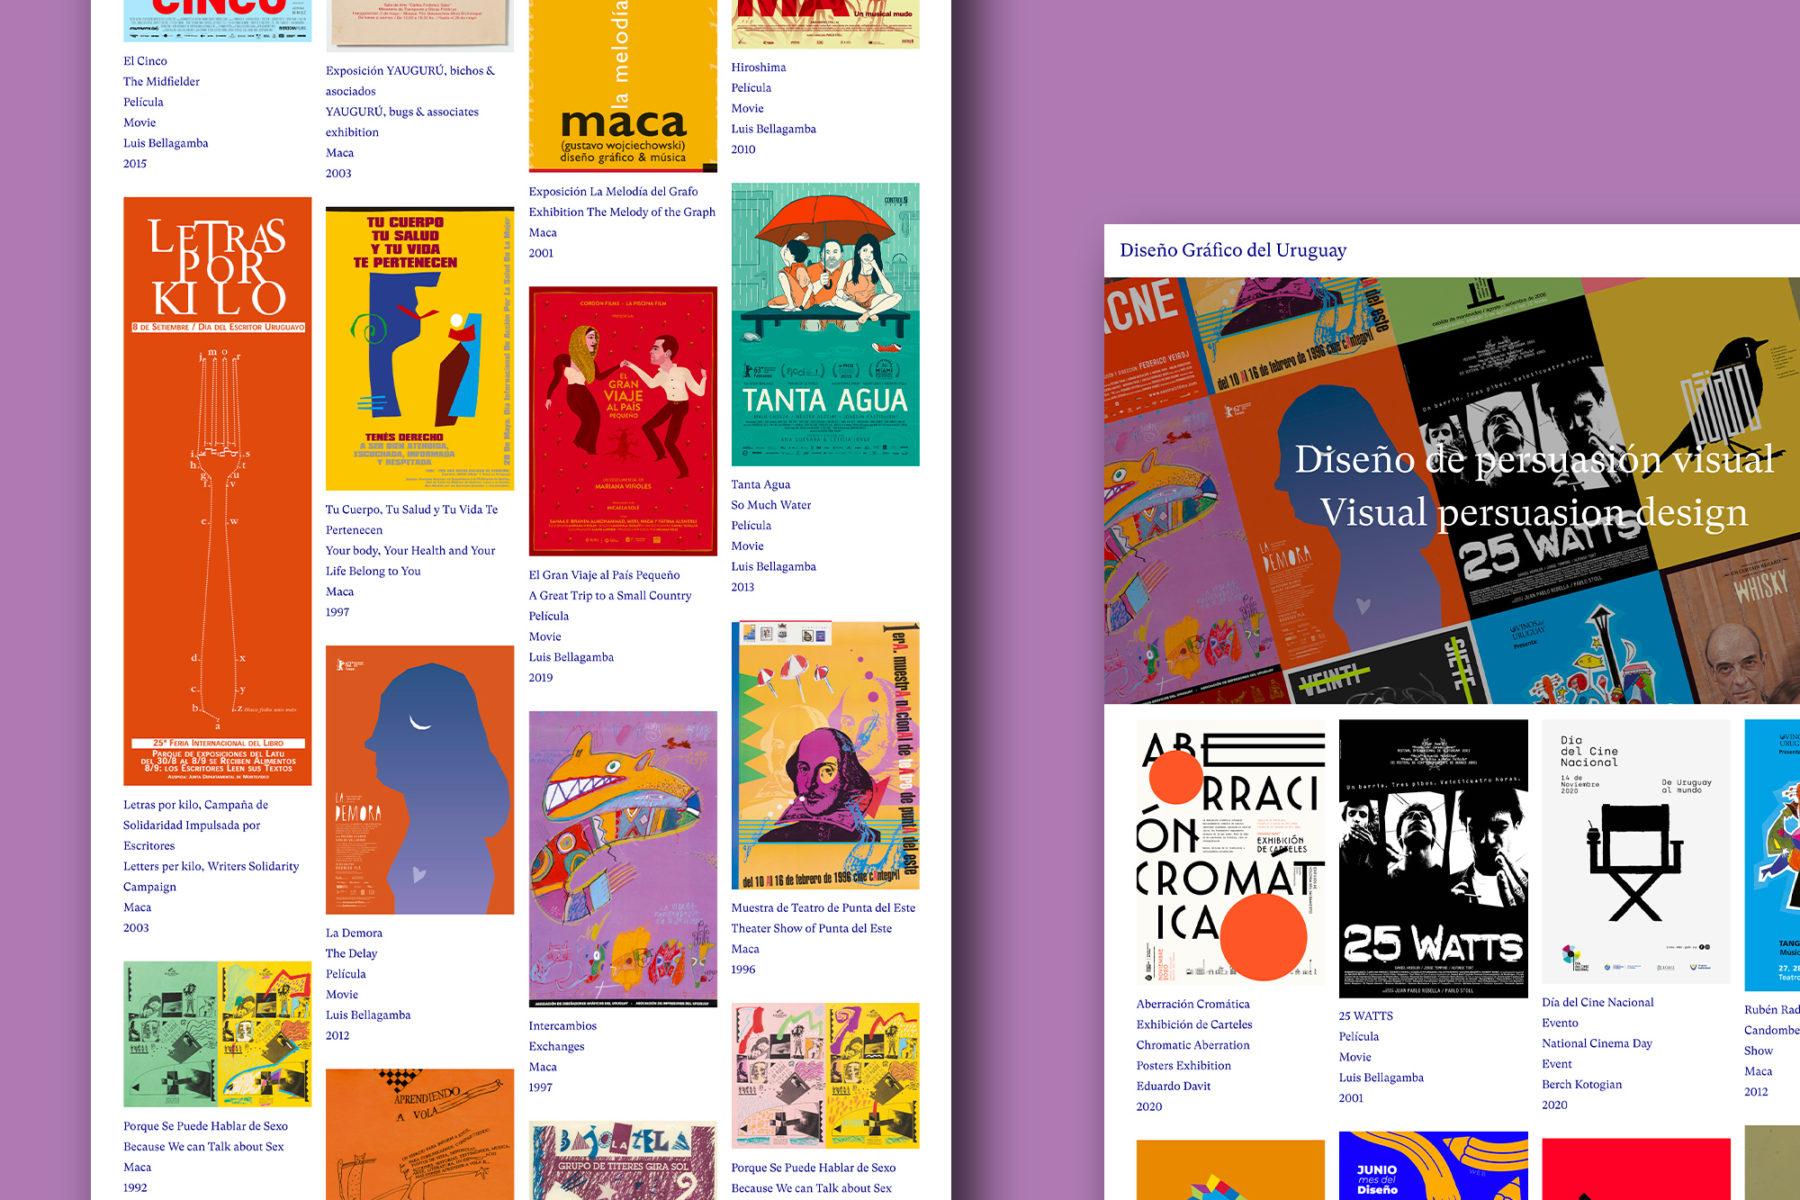 Diseno Grafico del Uruguay visual